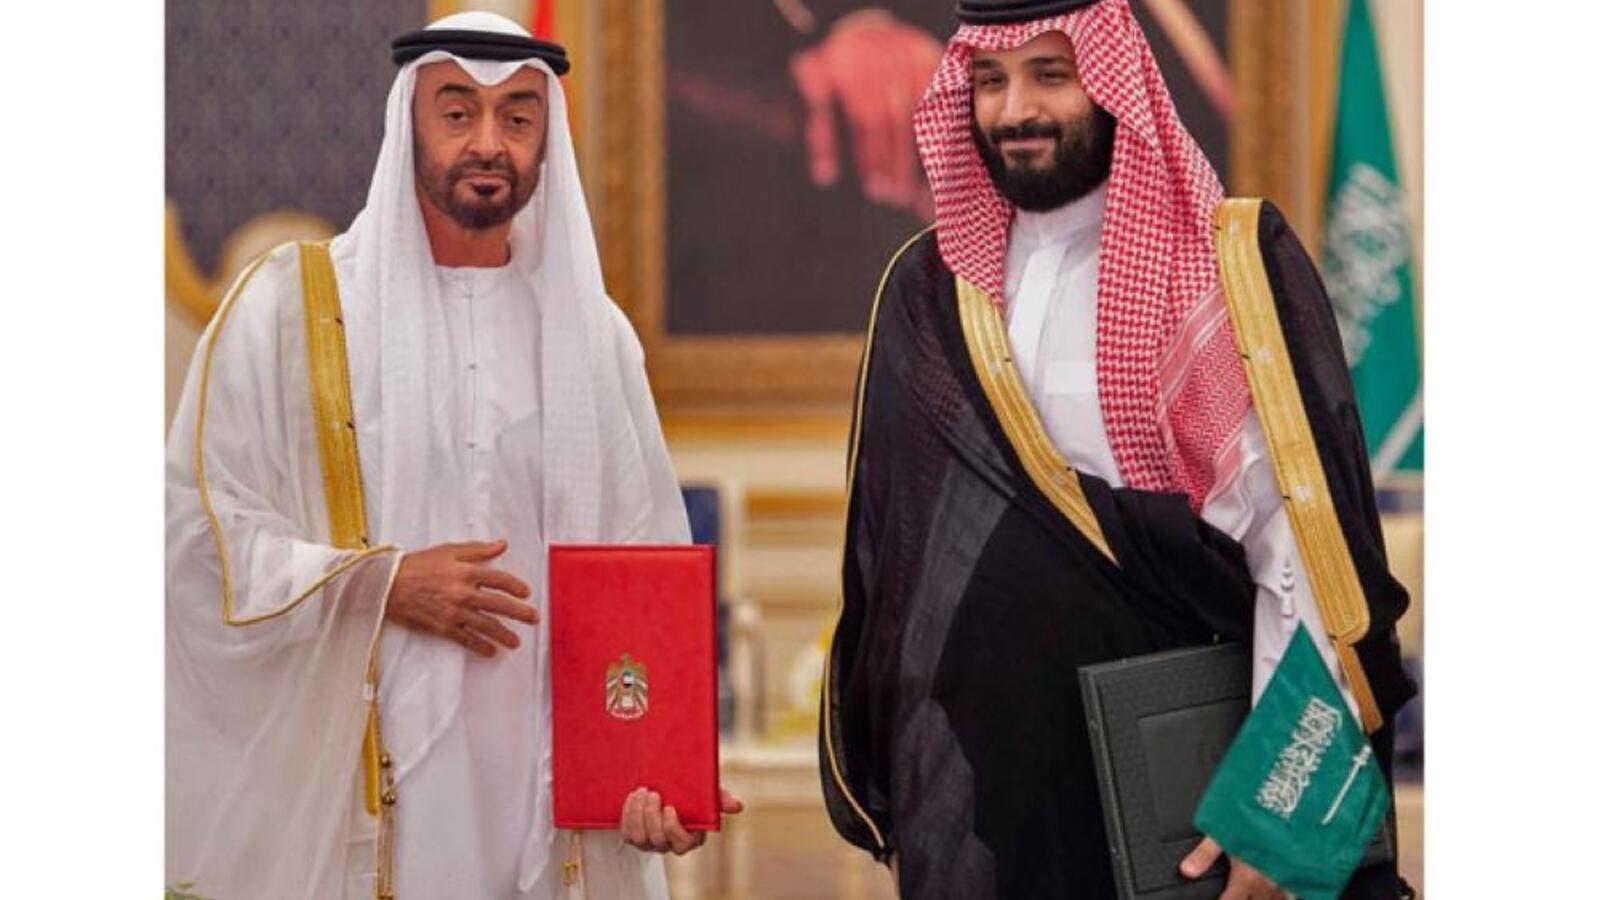 Abu Dhabi's Crown Prince in Saudi Arabia to Address Yemen Tension